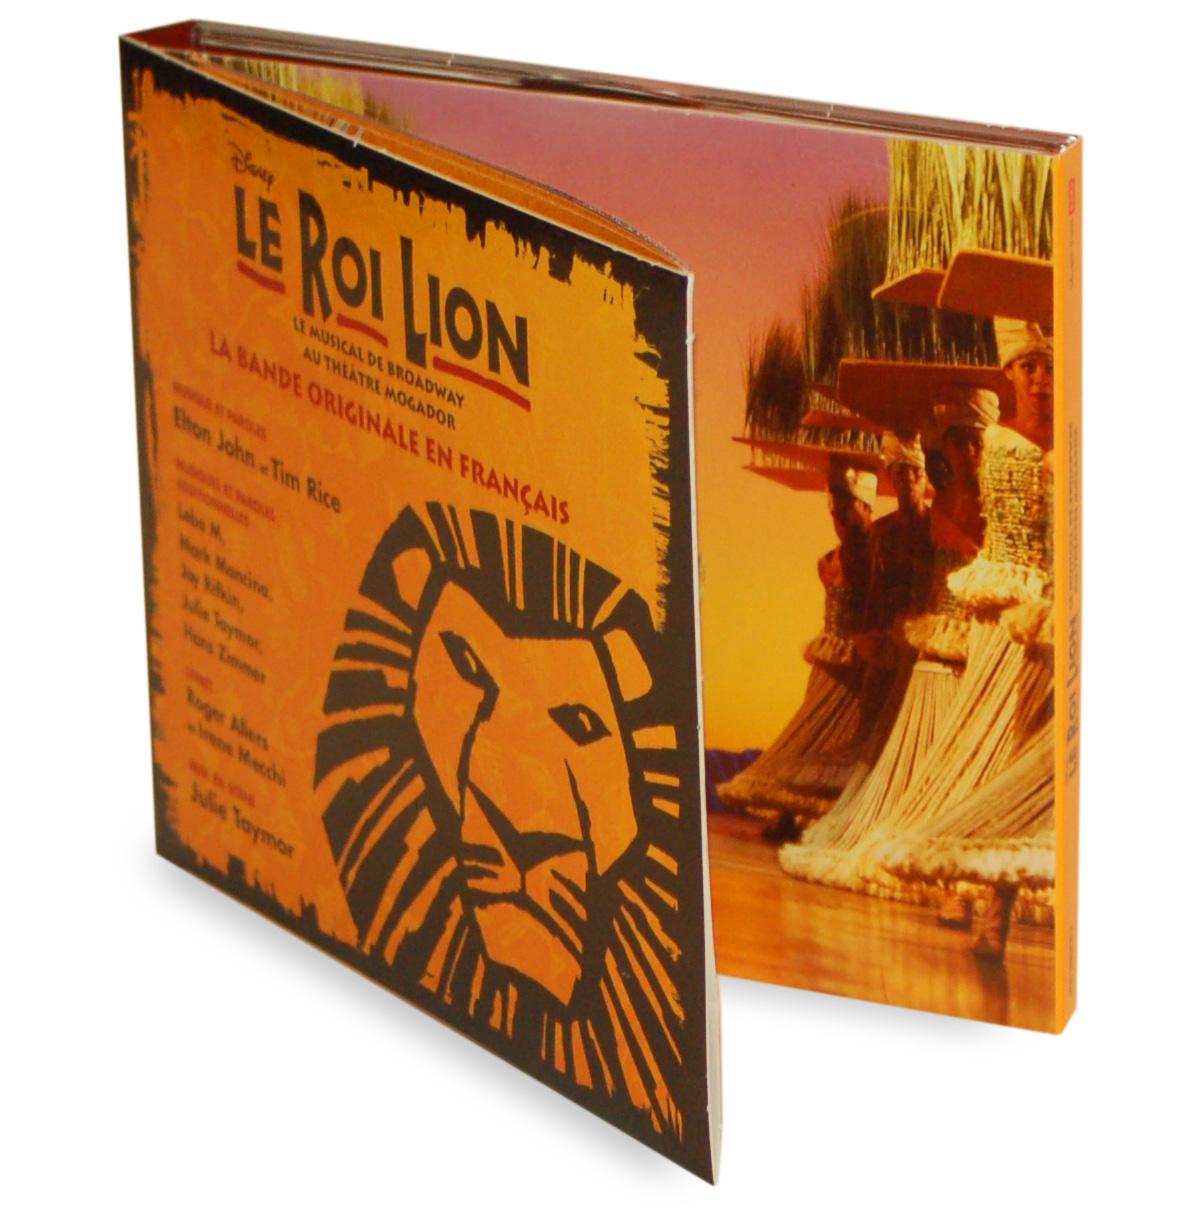 [DVD Bonus] Le Roi Lion - Le Musical de Broadway au Théâtre Mogador Cd_fr_ext_3d